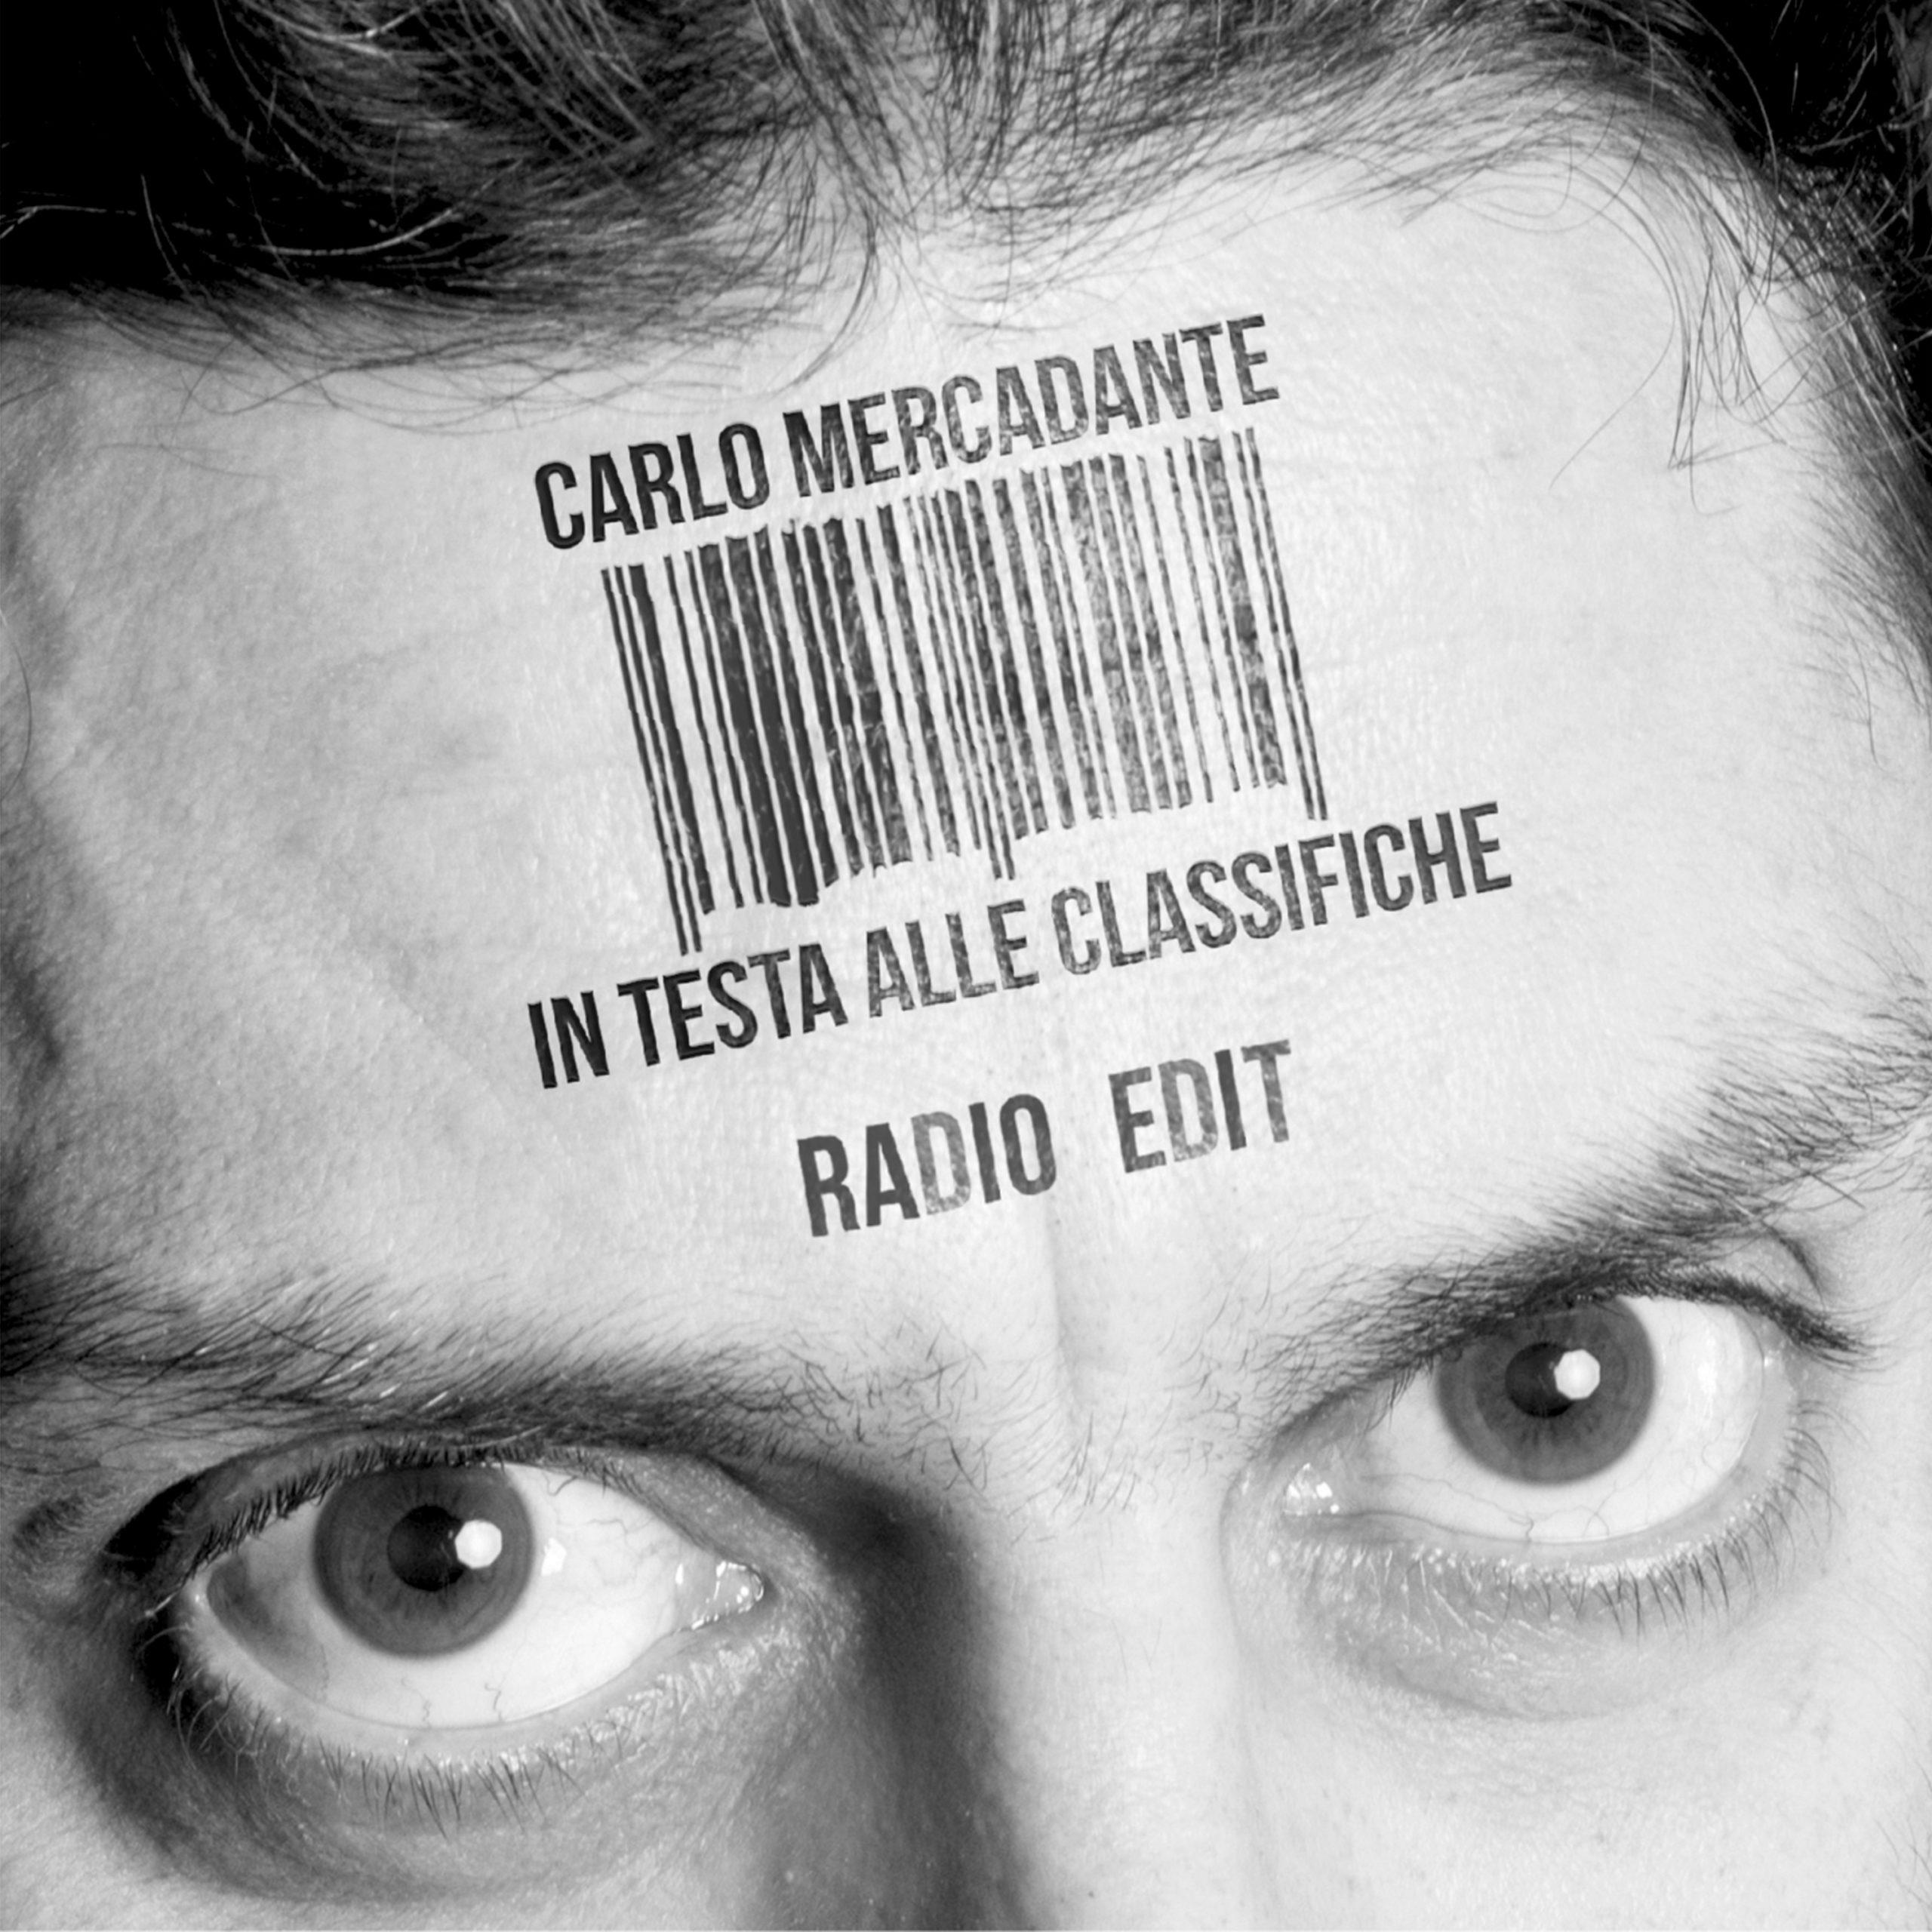 In testa alle classifiche (radio edit) – Carlo Mercadante